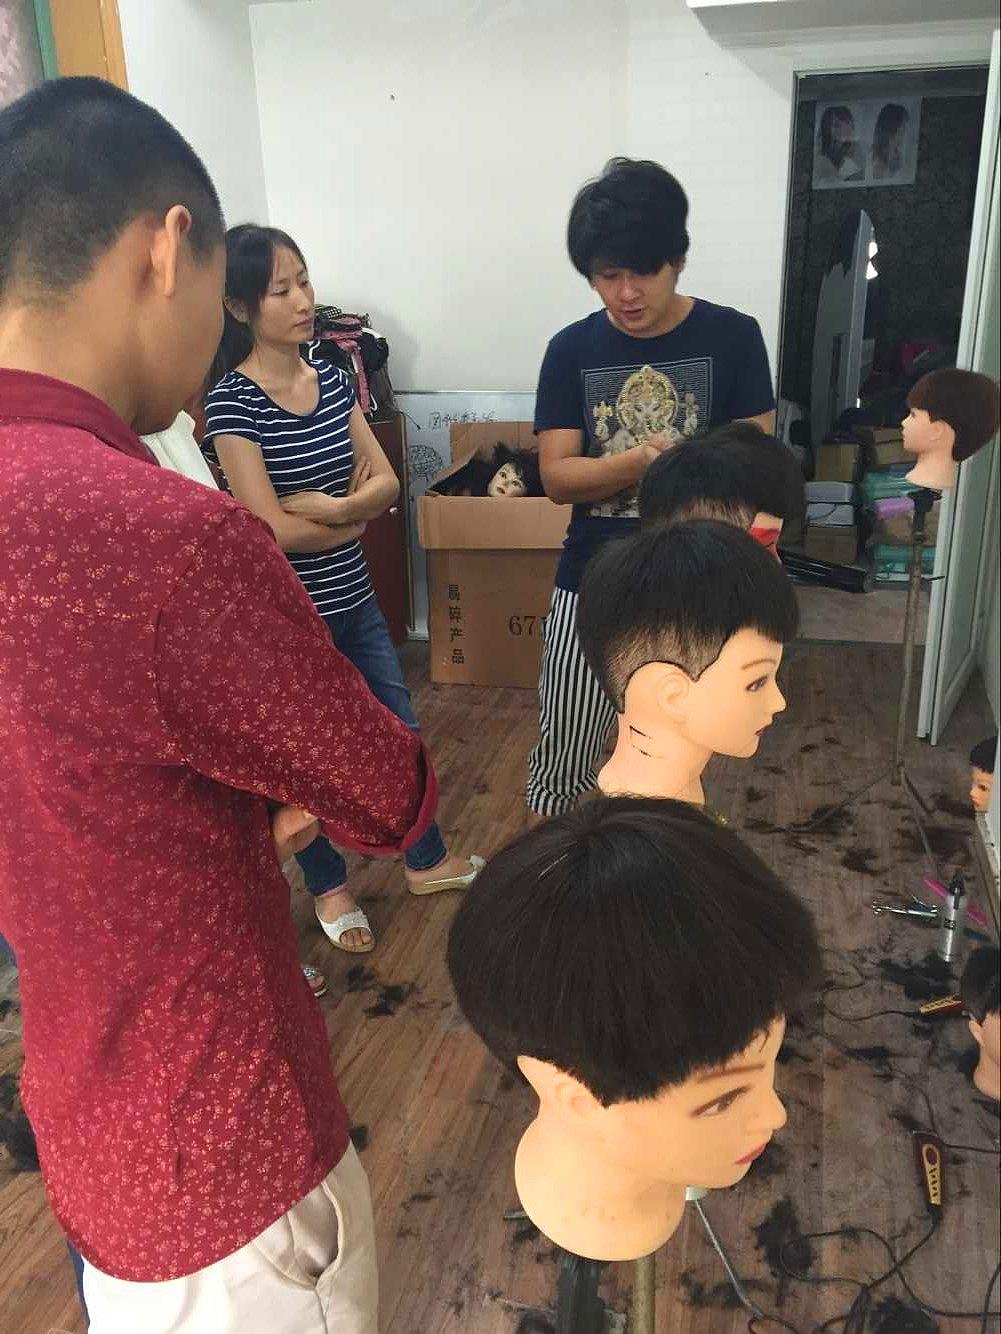 重庆专业美发学校 重庆最好的美发培训学校 美发师进修学校图片